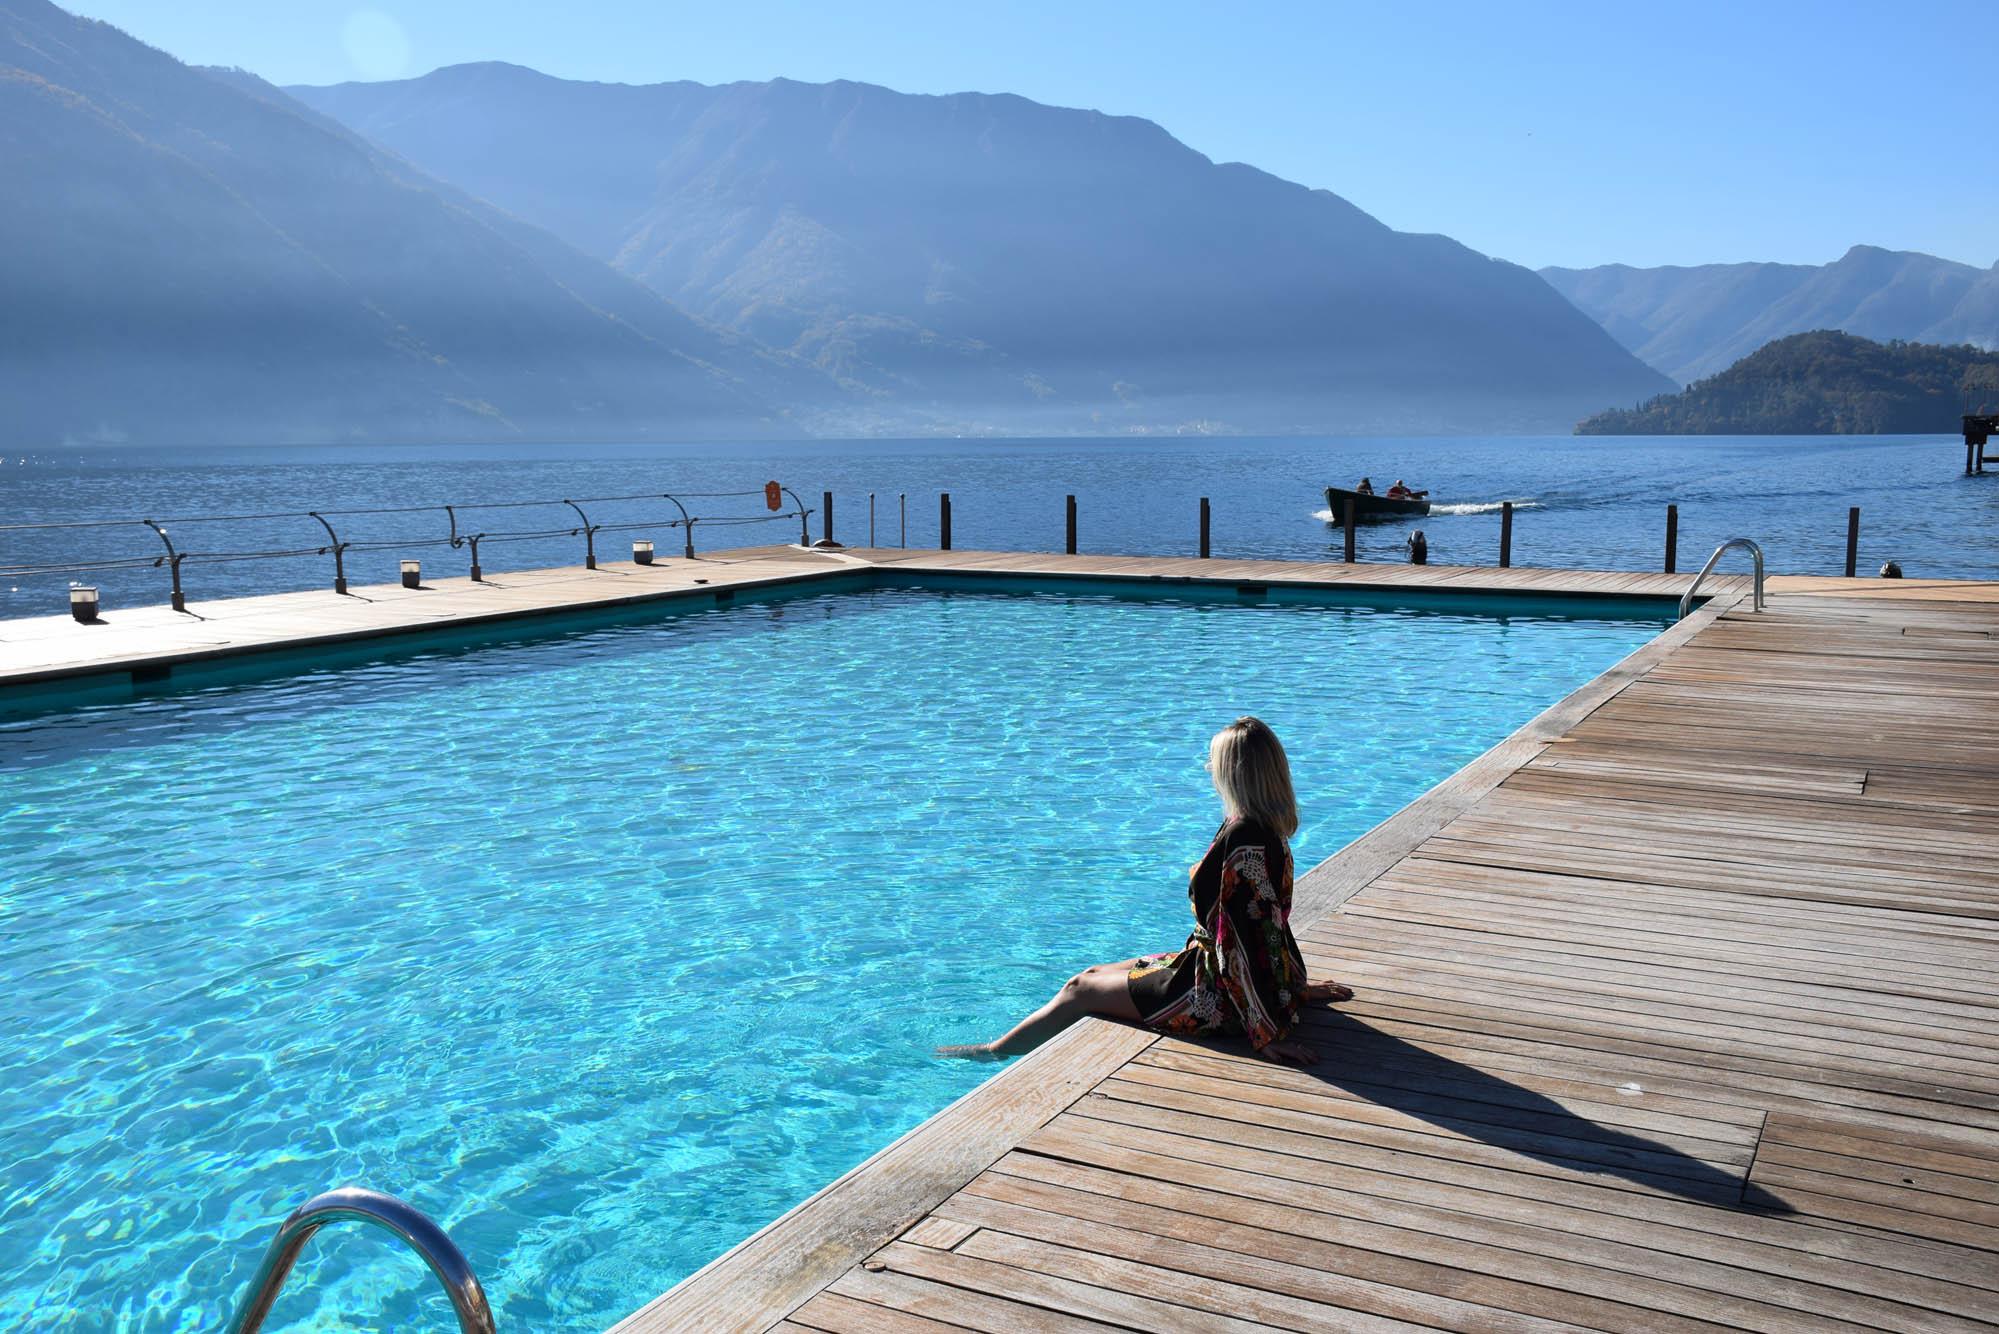 grand-hotel-tremezzo-lago-di-como-italia-05